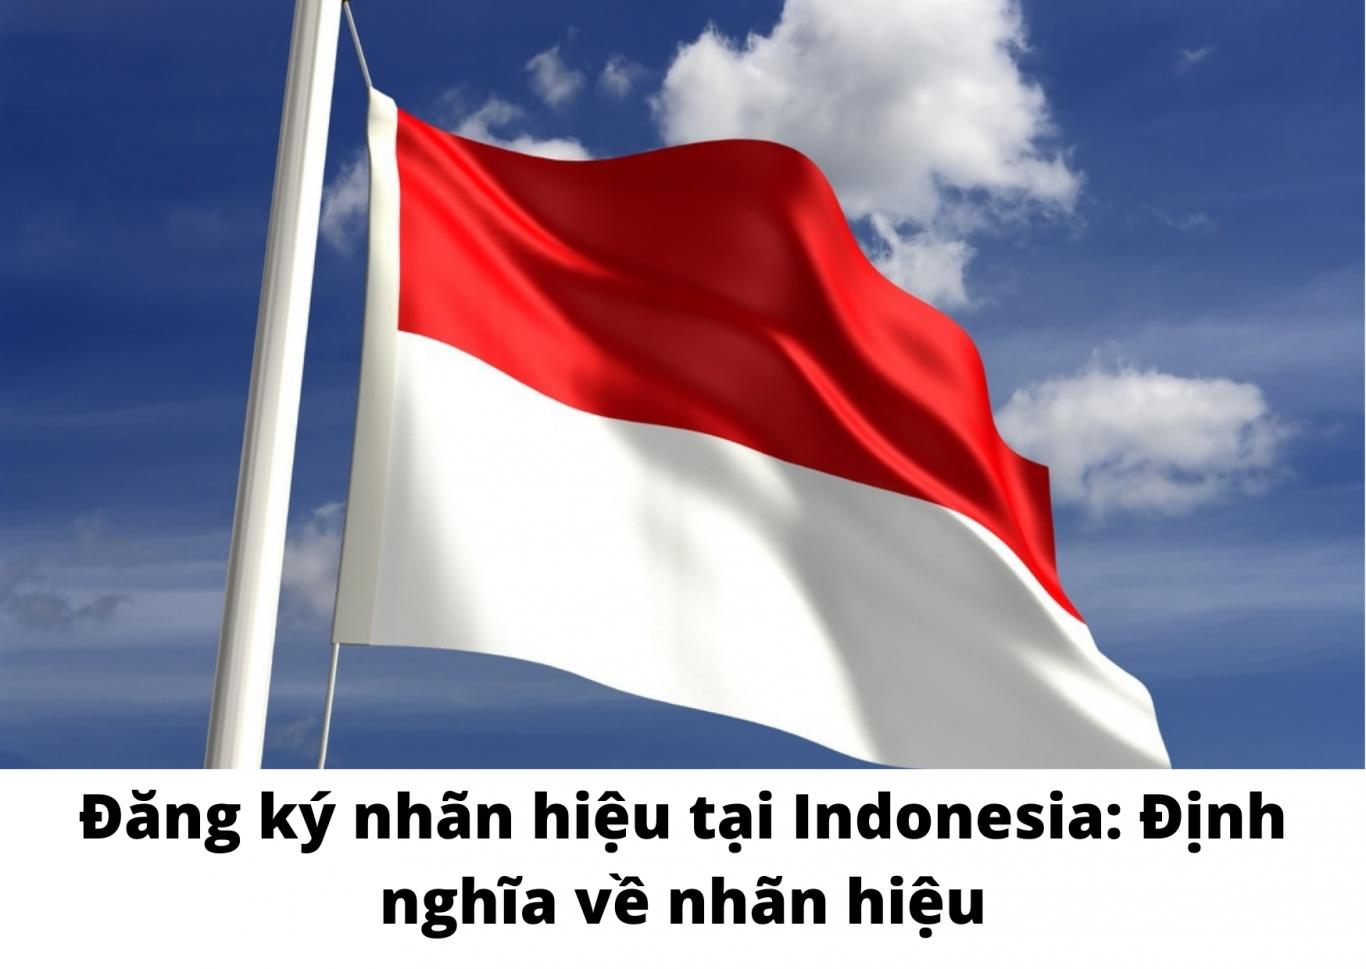 Đăng ký nhãn hiệu tại Indonesia: Định nghĩa về nhãn hiệu, Định nghĩa về nhãn hiệu tại Indonesia, Nhãn hiệu tại Indonesia